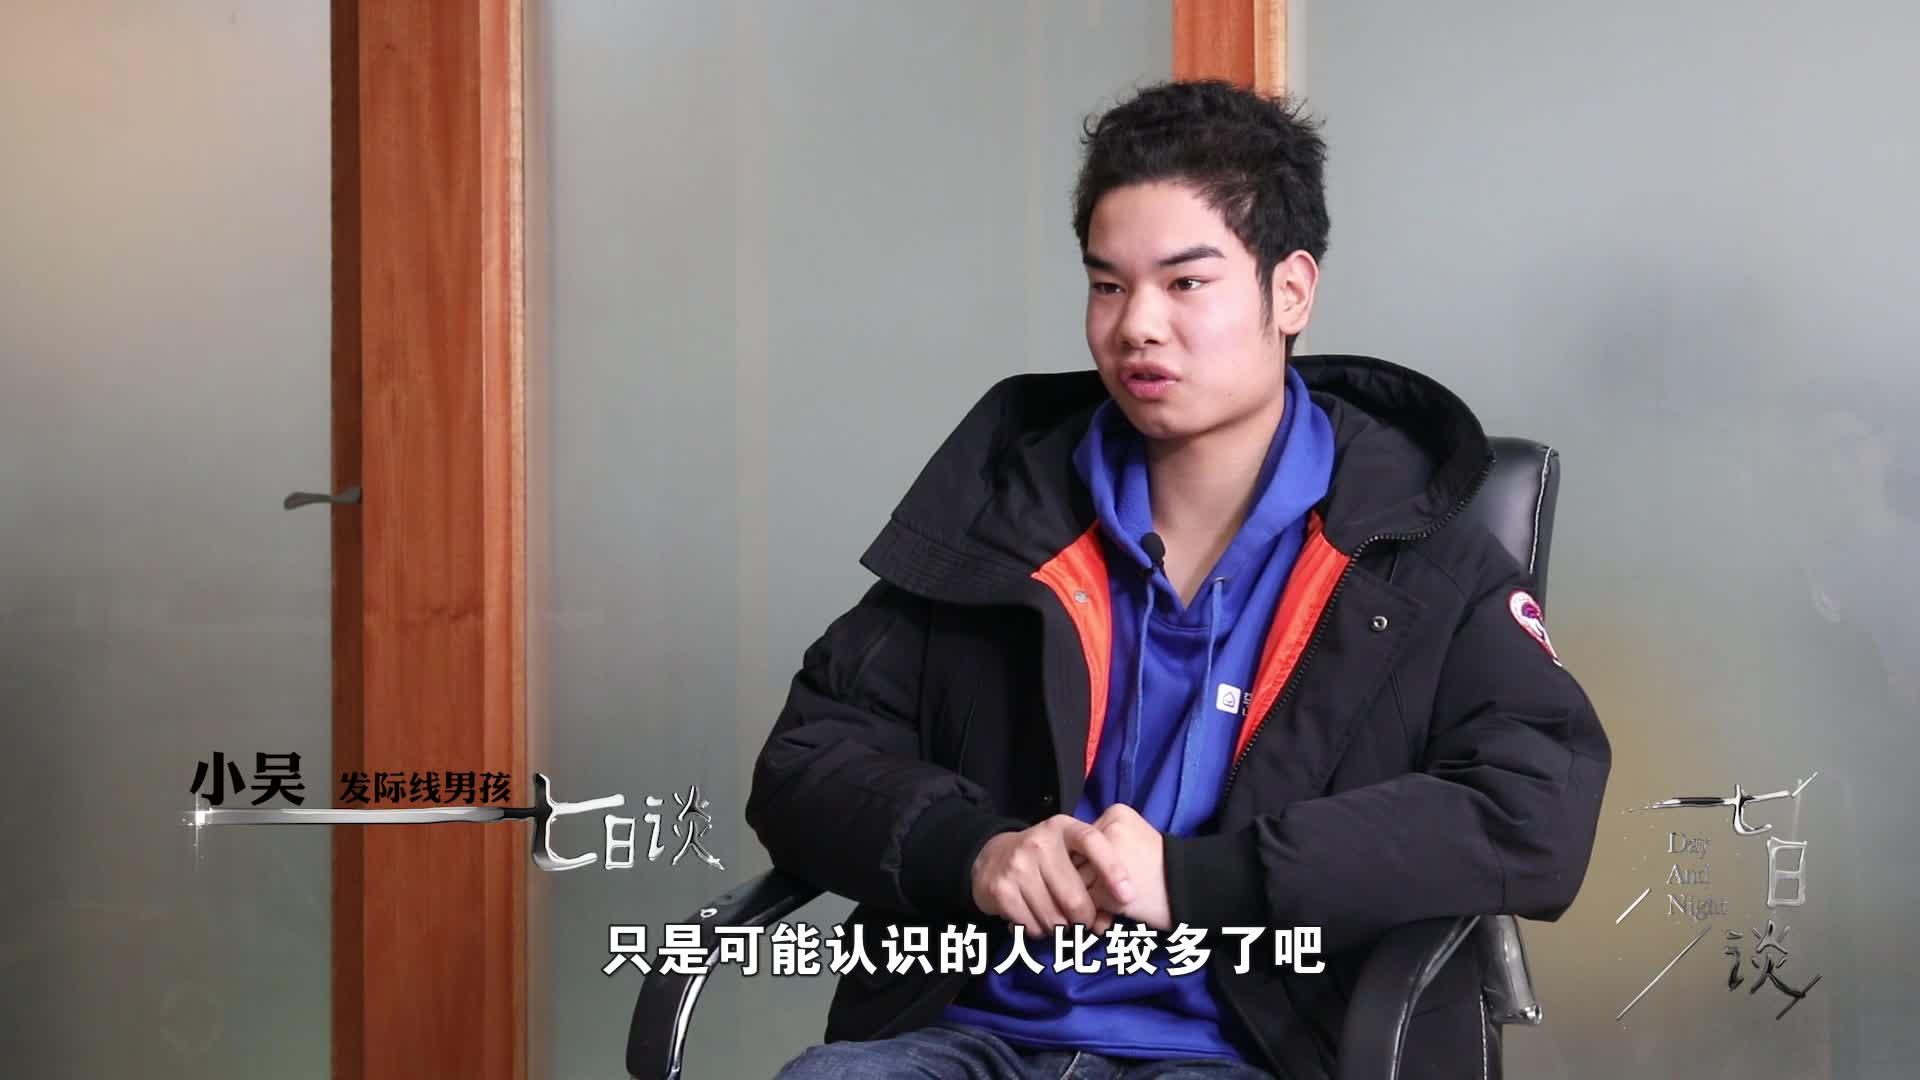 七日谈| 发际线男孩小吴:你不是真正的快乐